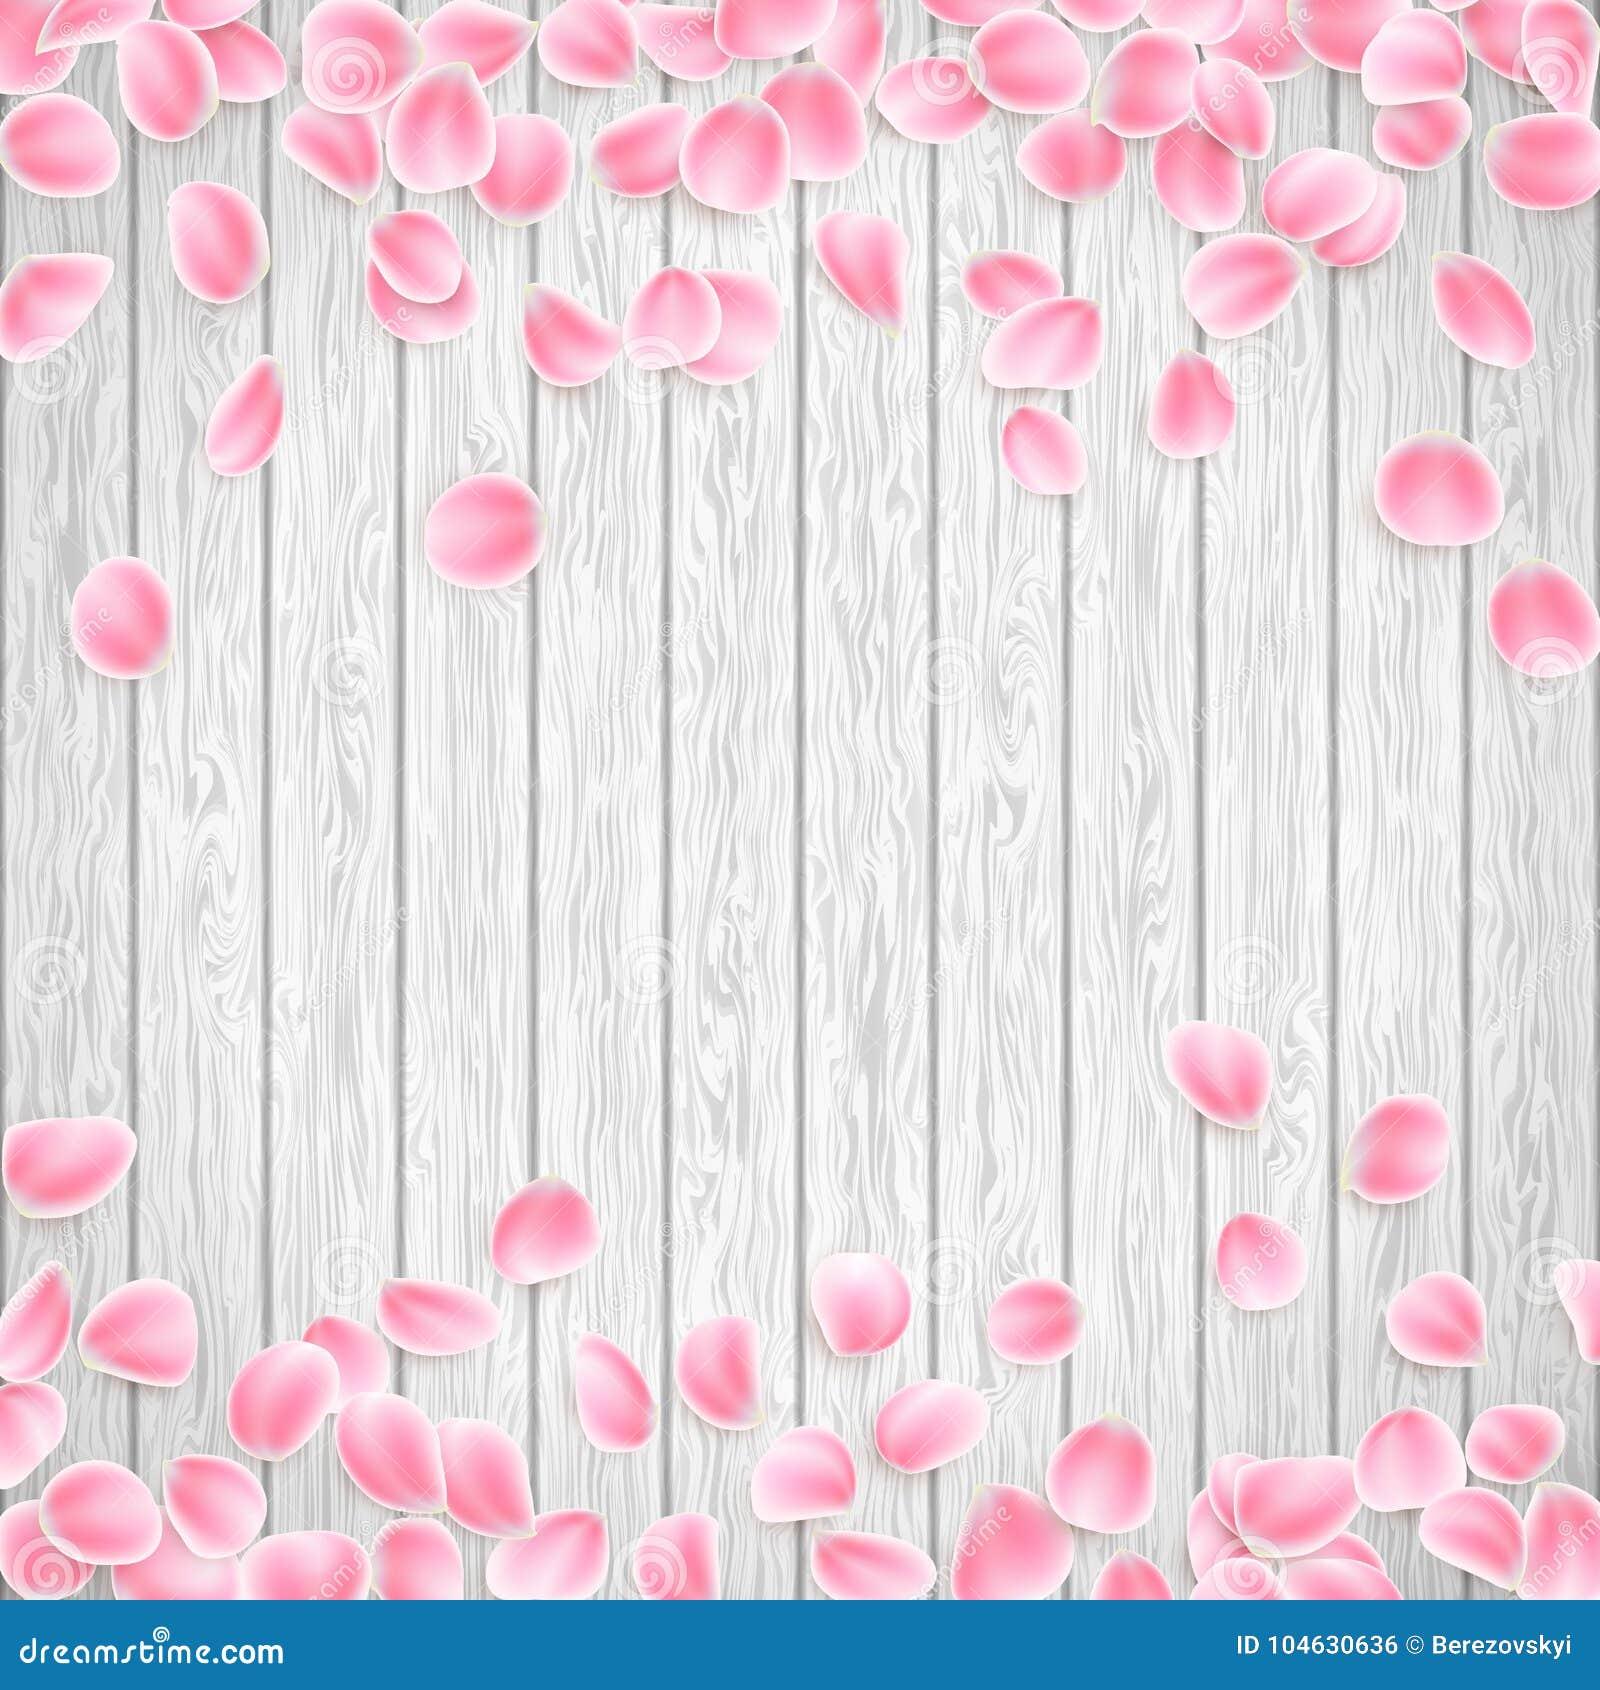 Download Realistische Sakura-bloemblaadjes Op Een Witte Houten Achtergrond EPS 10 Vector Vector Illustratie - Illustratie bestaande uit viering, roze: 104630636